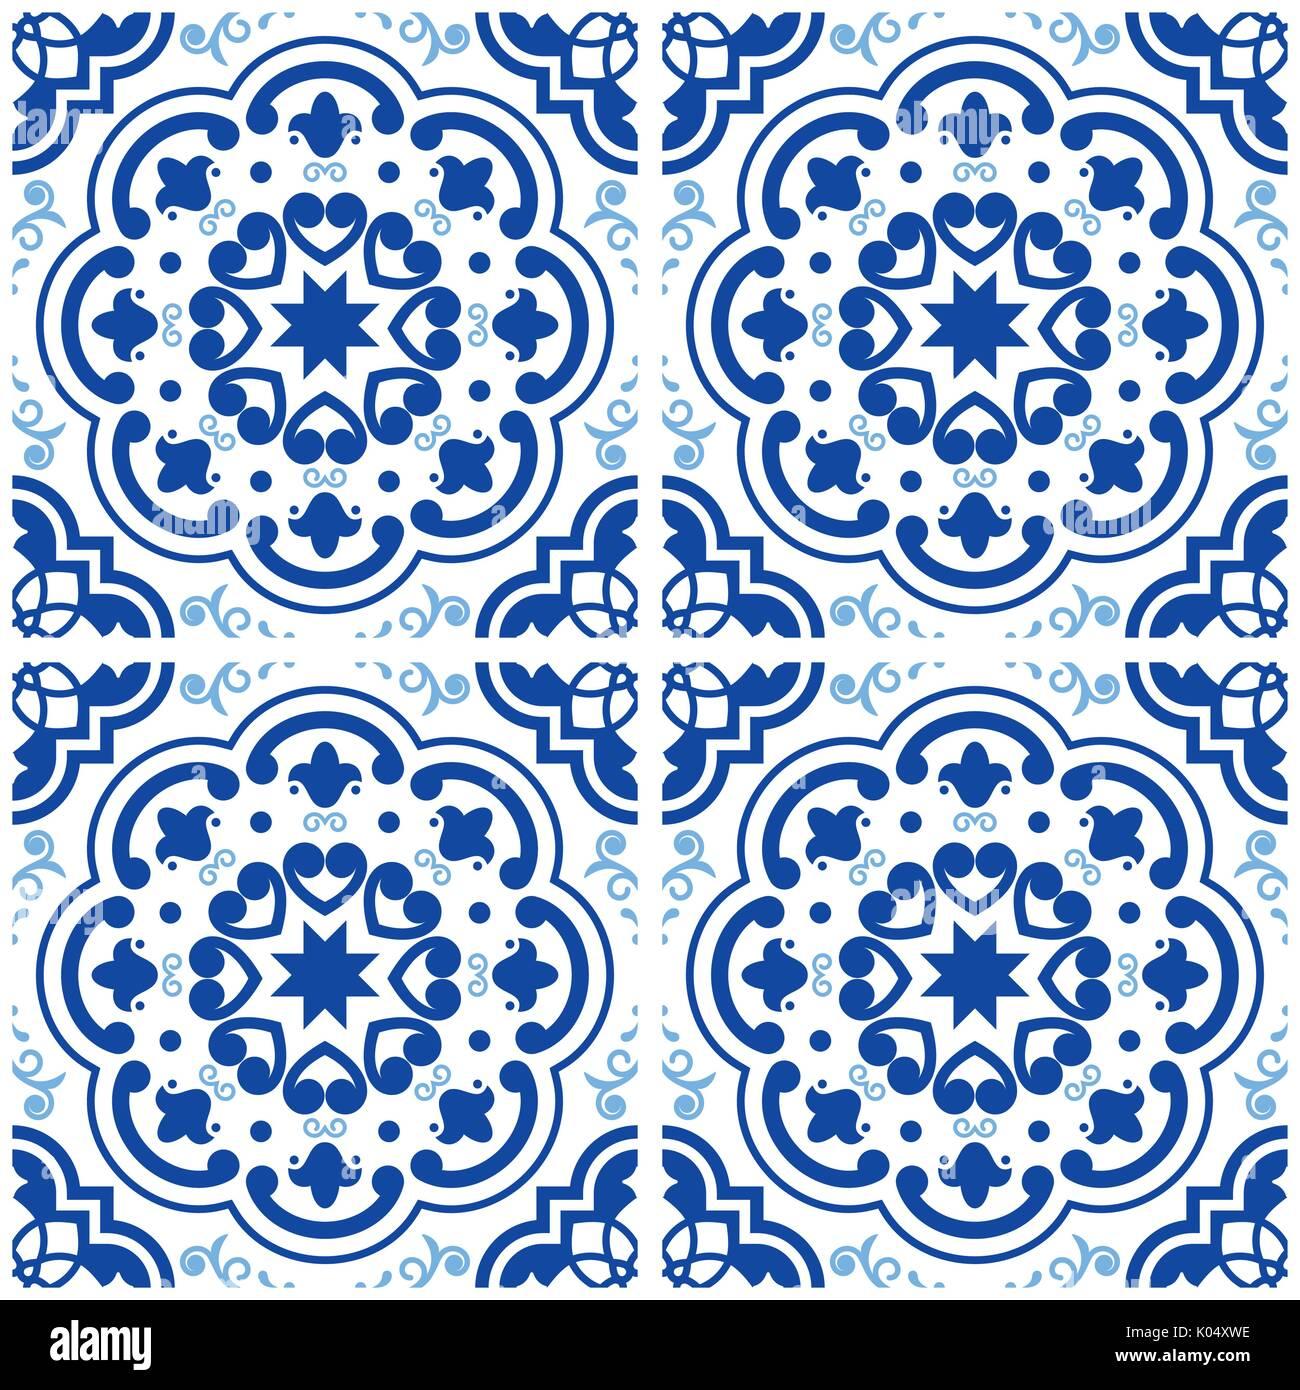 Carrelage Azulejos Portugais De Lisbonne Motif Carreaux Bleu Indigo Transparent Vintage Design Ceramique Geometrique Vecteur Contexte Espagnol Image Vectorielle Stock Alamy